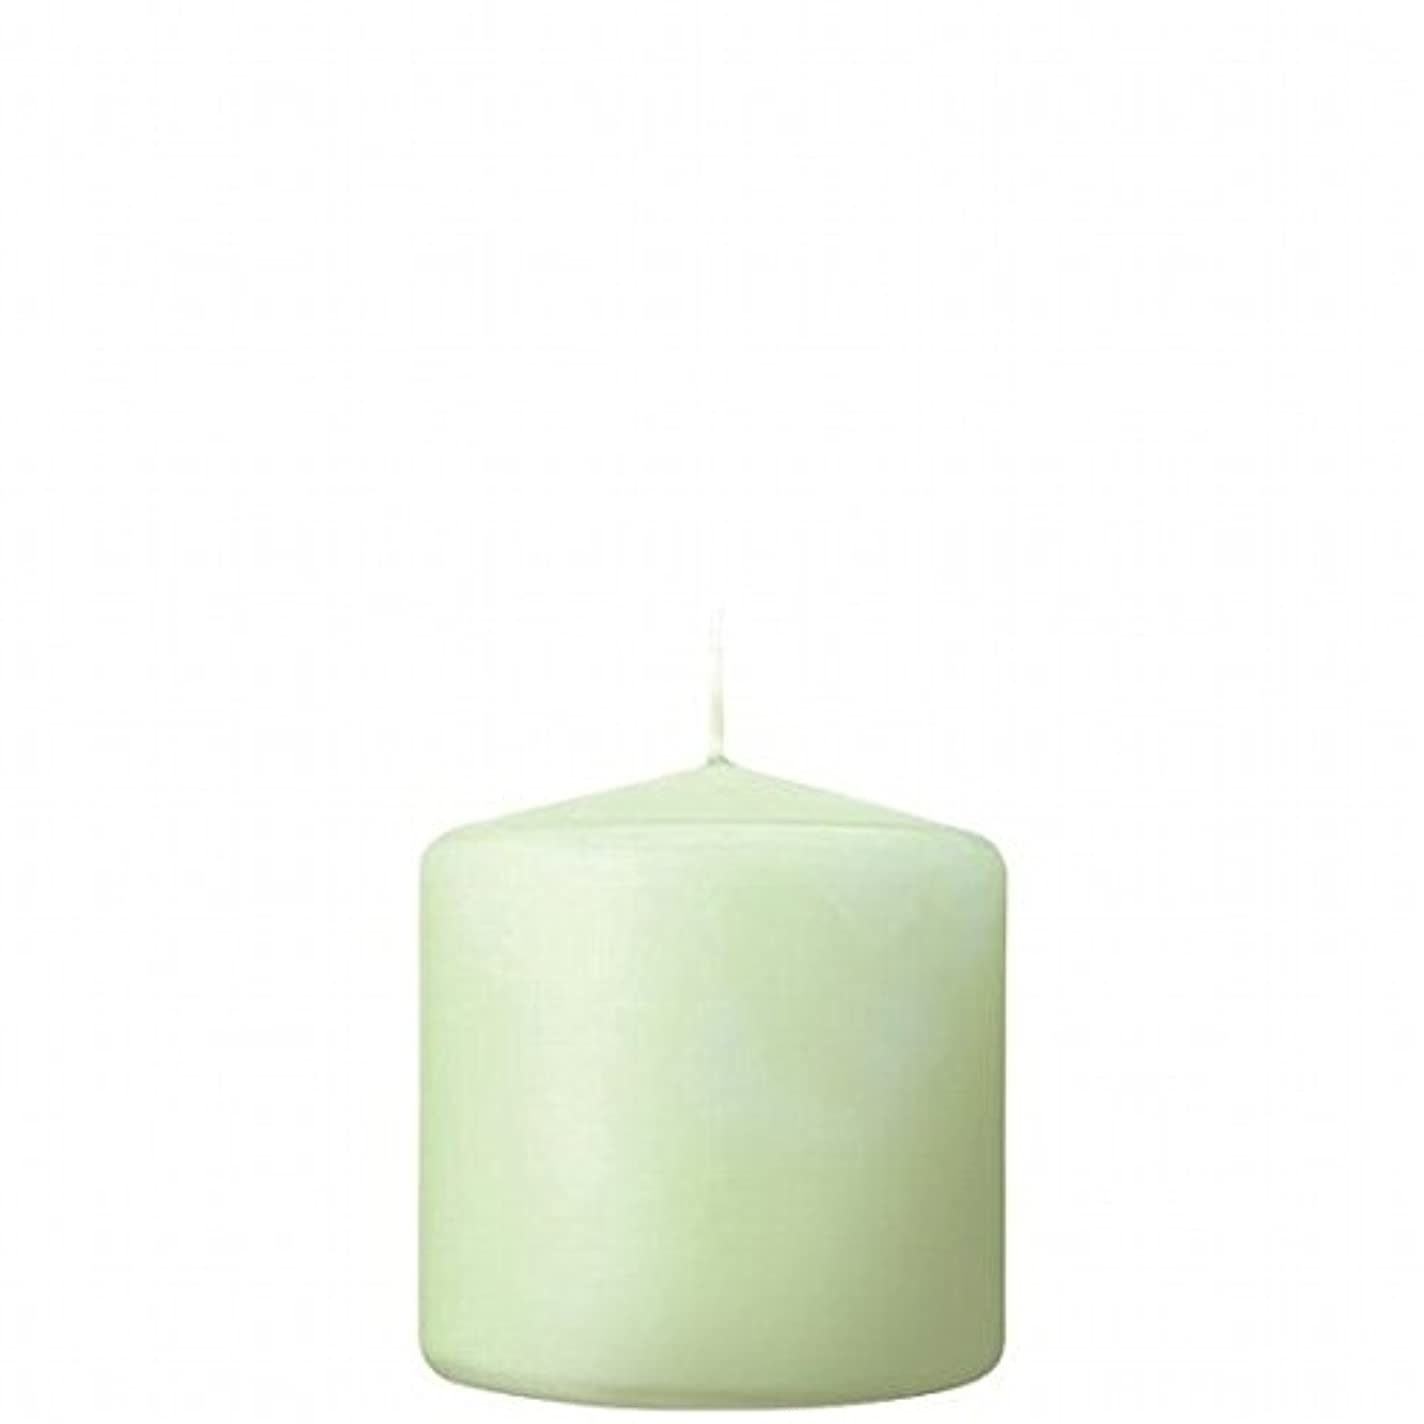 桁山岳不一致kameyama candle(カメヤマキャンドル) 3×3ベルトップピラーキャンドル 「 ホワイトグリーン 」(A9730000WG)